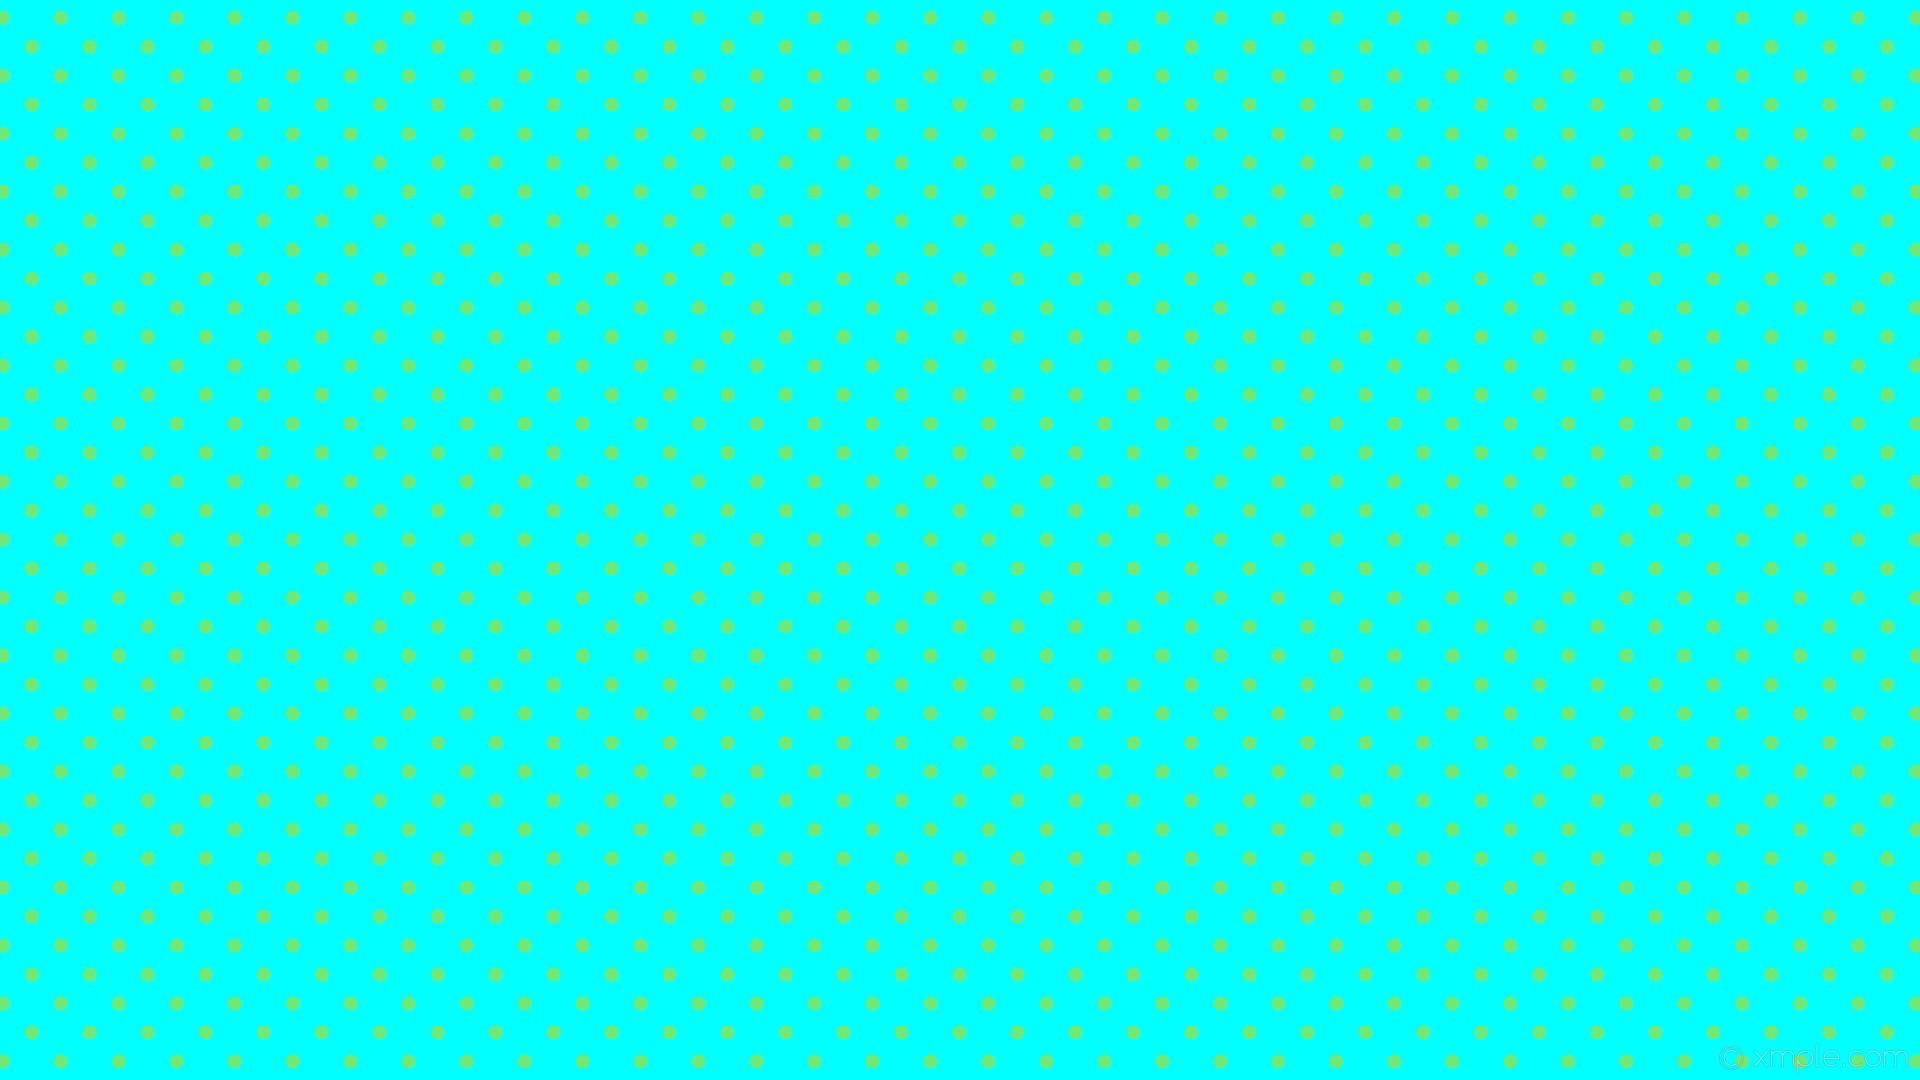 1920x1080 Wallpaper Dots Blue Green Polka Spots Aqua Cyan 00ffff 72e874 225A 14px